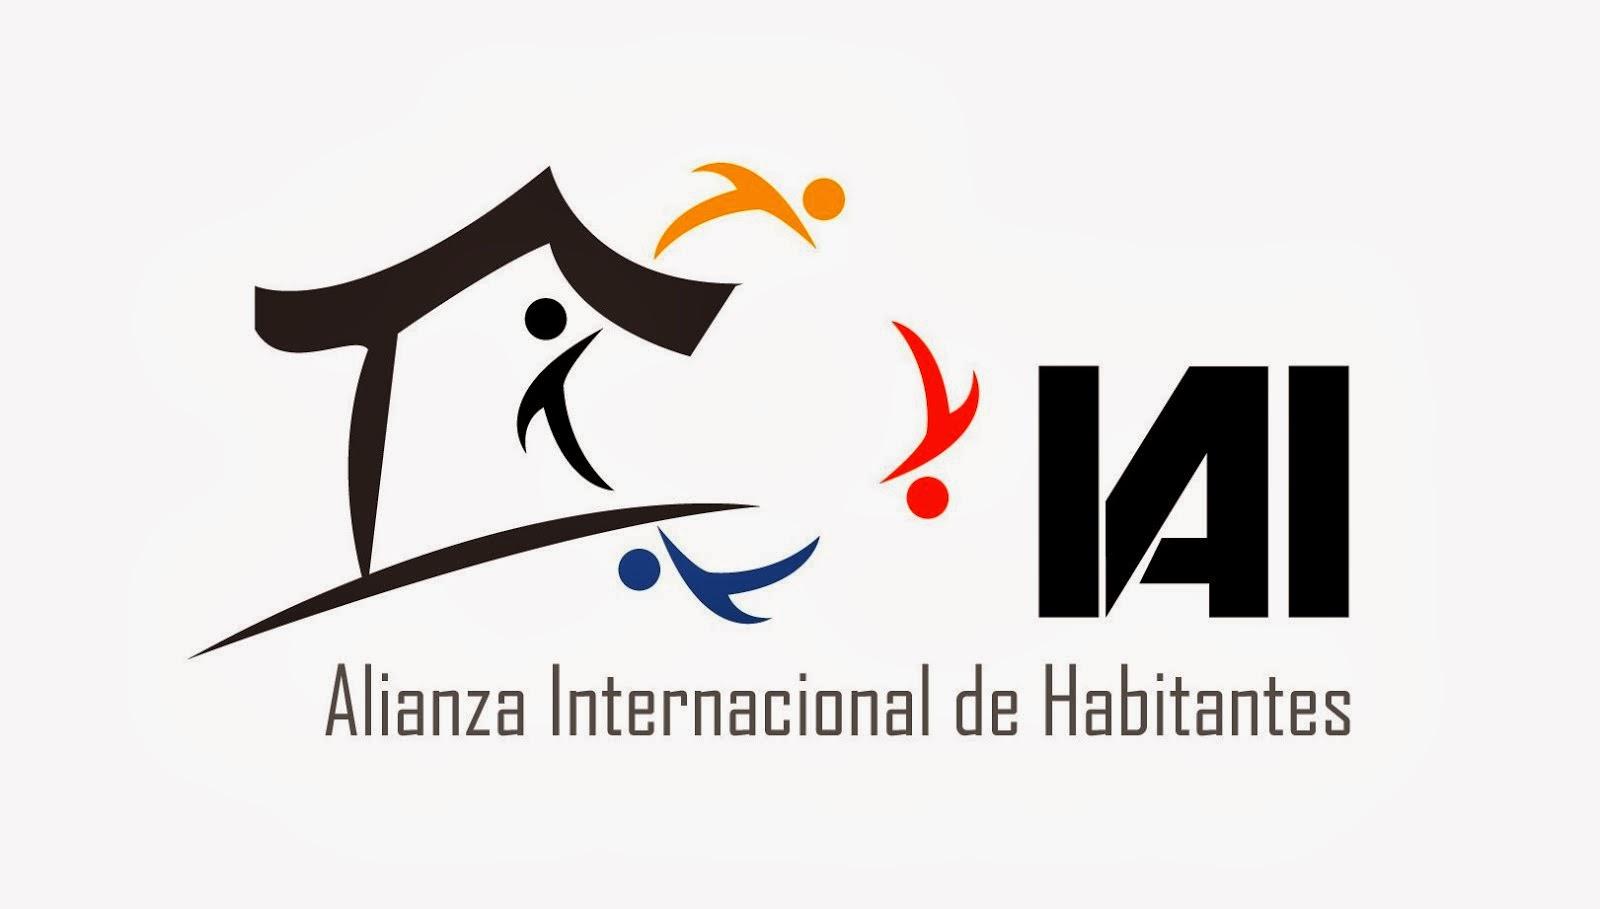 Alianza Internacional de Habitantes